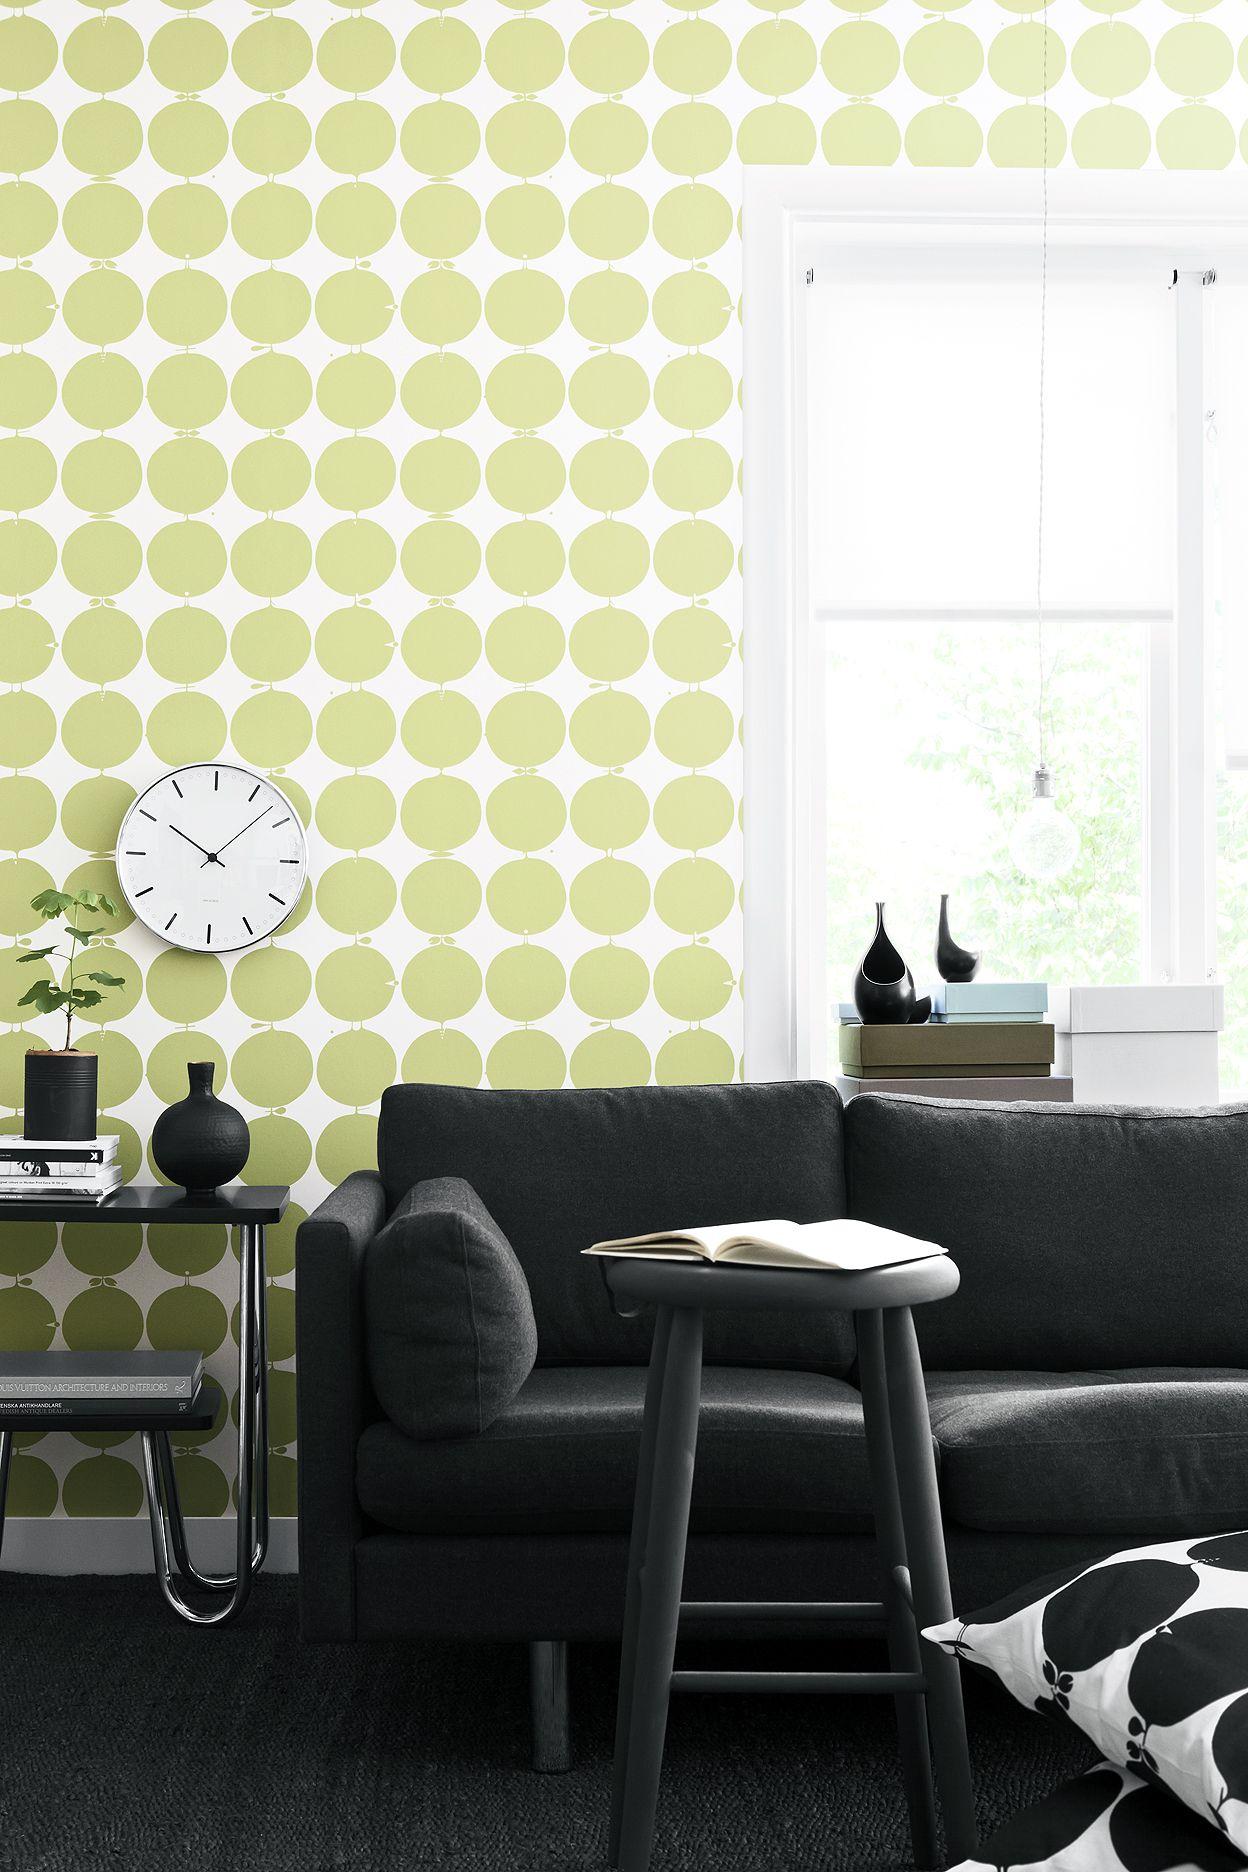 Boråstapeter Scandinavian Designers -mallisto, tapetti 2752, viisi värivaihtoehtoa. Värisilmä, http://kauppa.varisilma.fi/seinanpaallysteet/nonwoven-tapetit/scand_designers/ #tapetti #olohuone